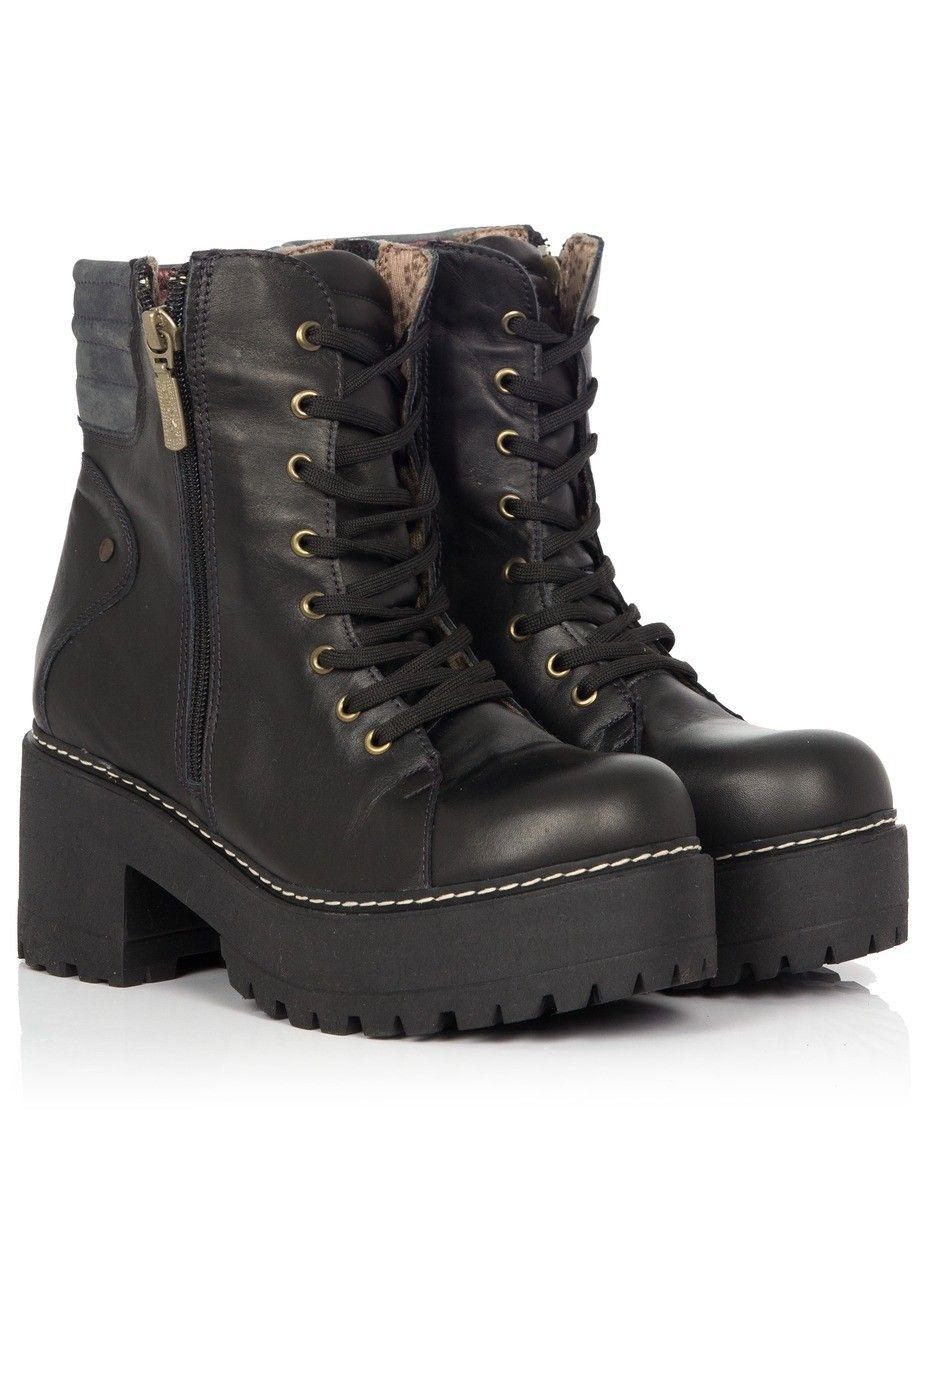 b4c41a28 Borcegos Sulay negro De Martens, Botas Cortas, Zapatos De Moda, Zapatillas,  Zapatos